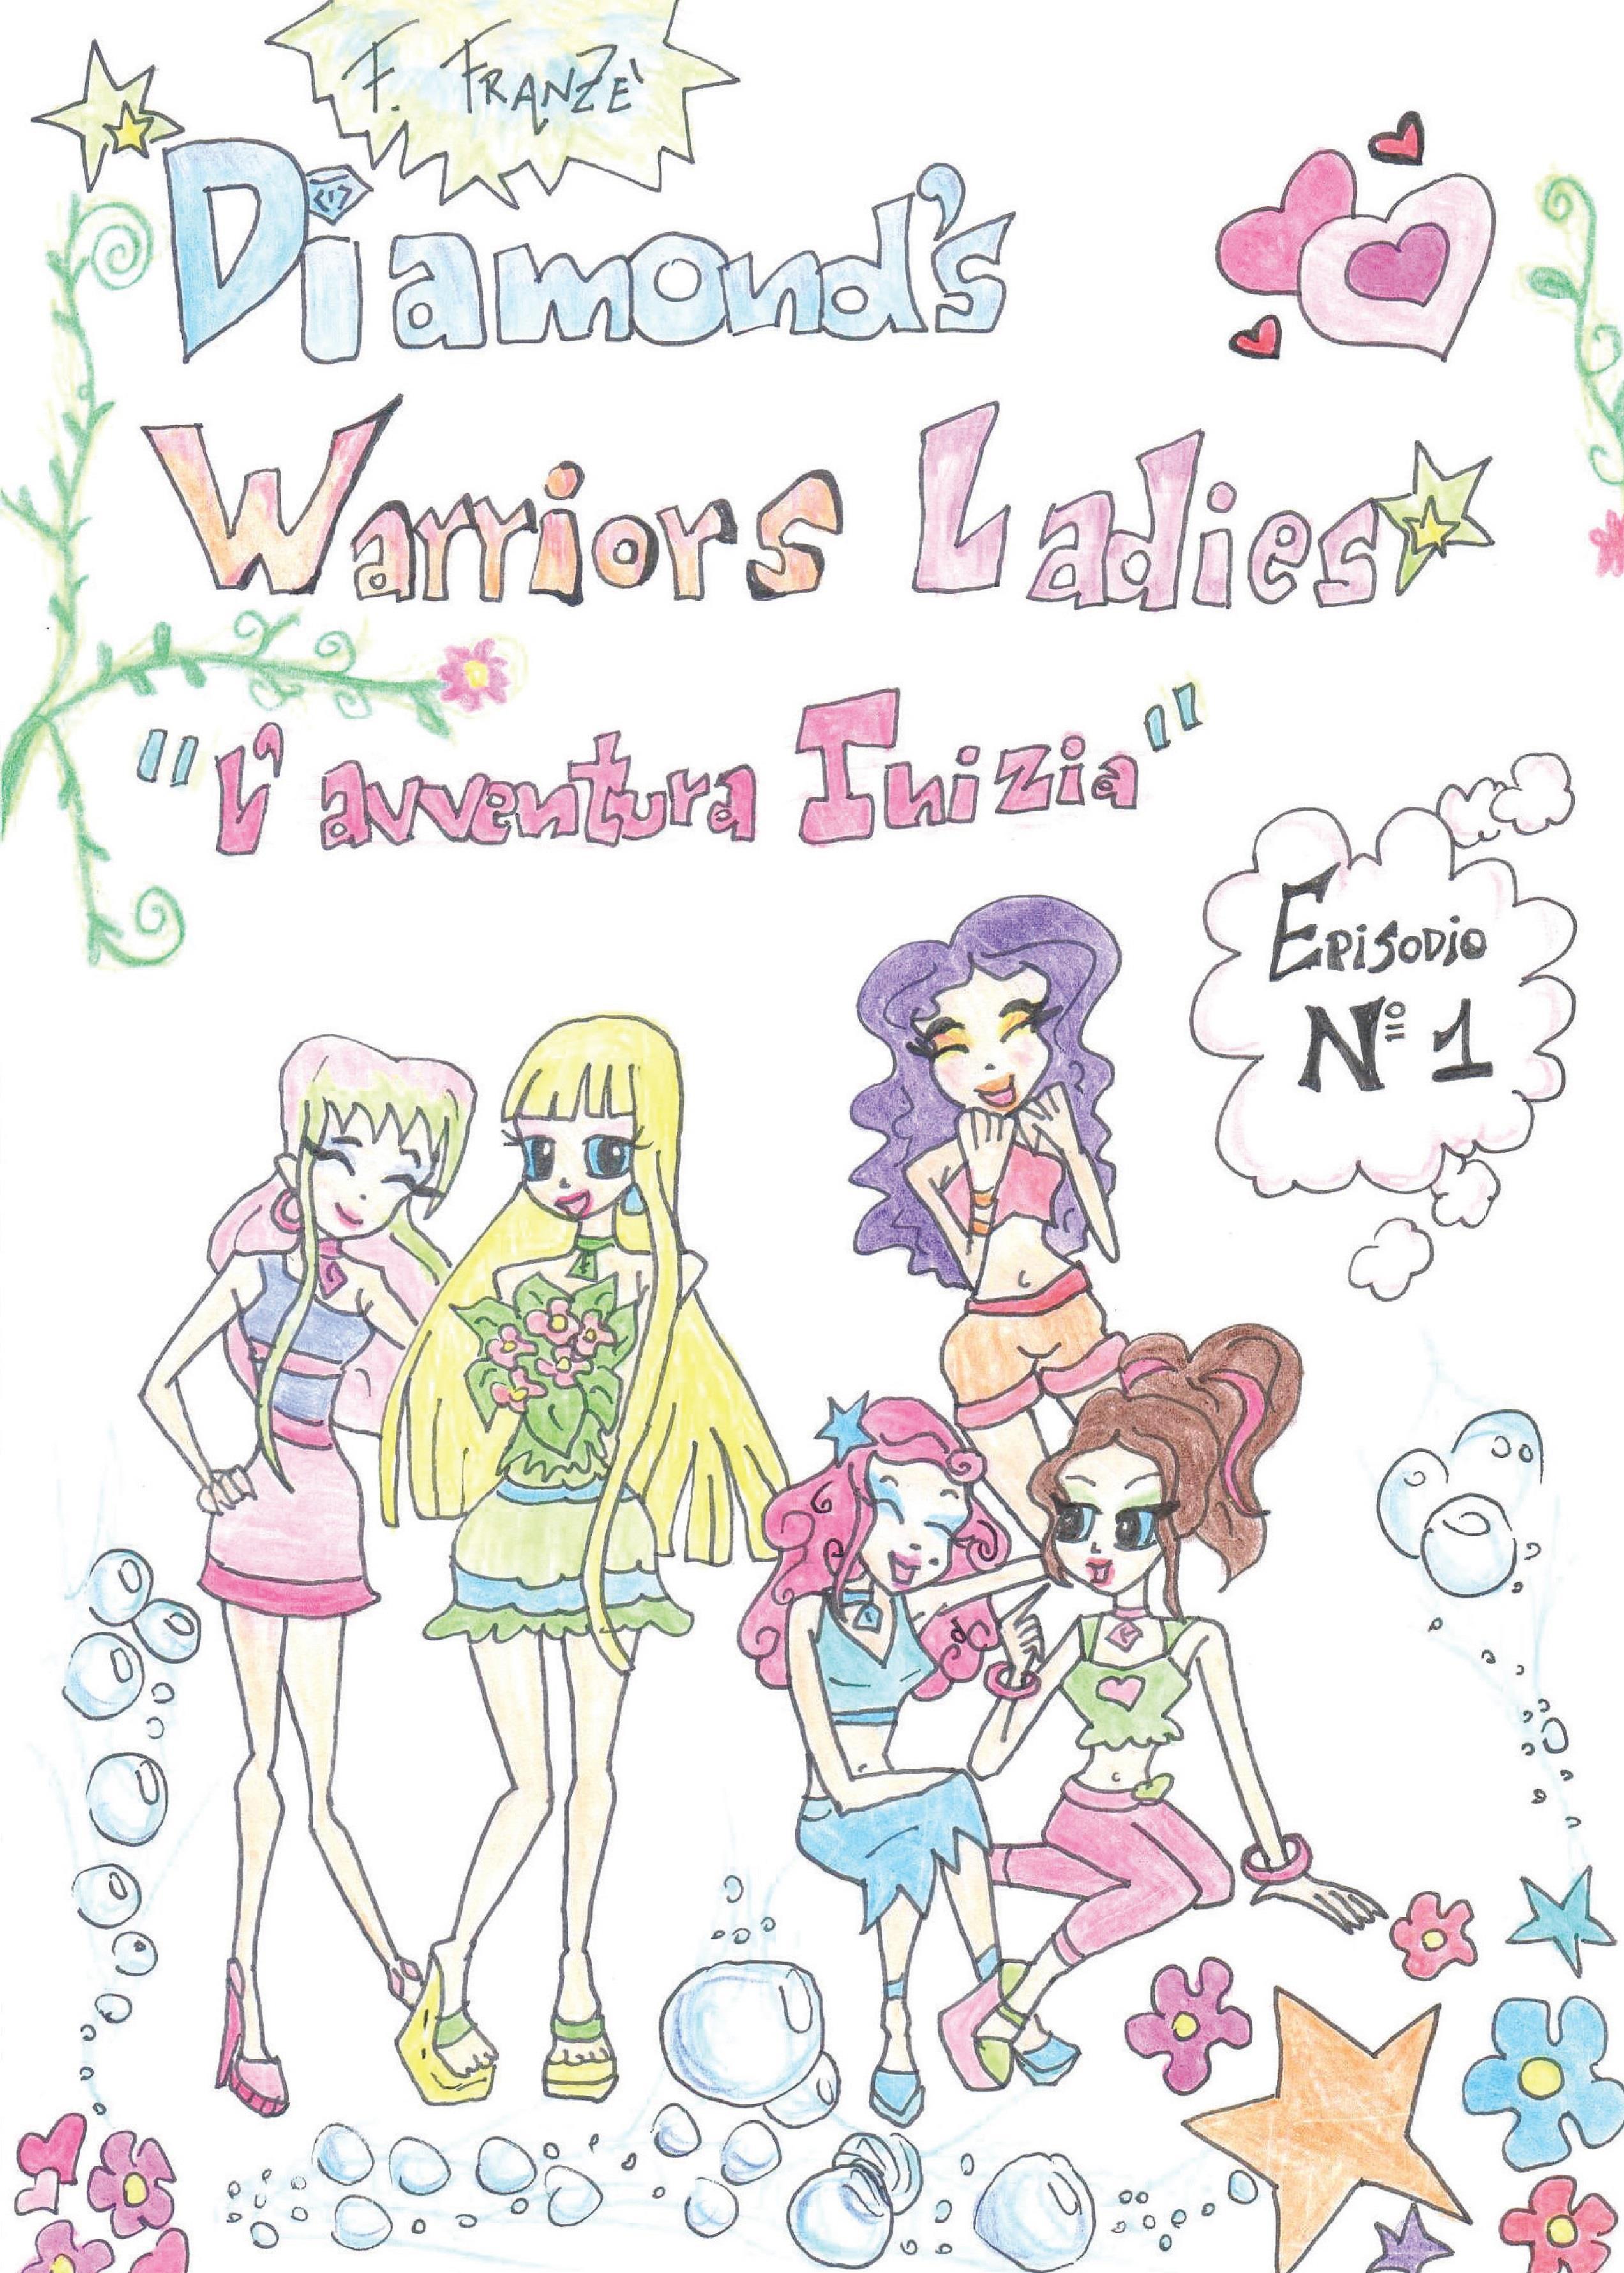 Diamond's warriors ladies - L'avventura inizia